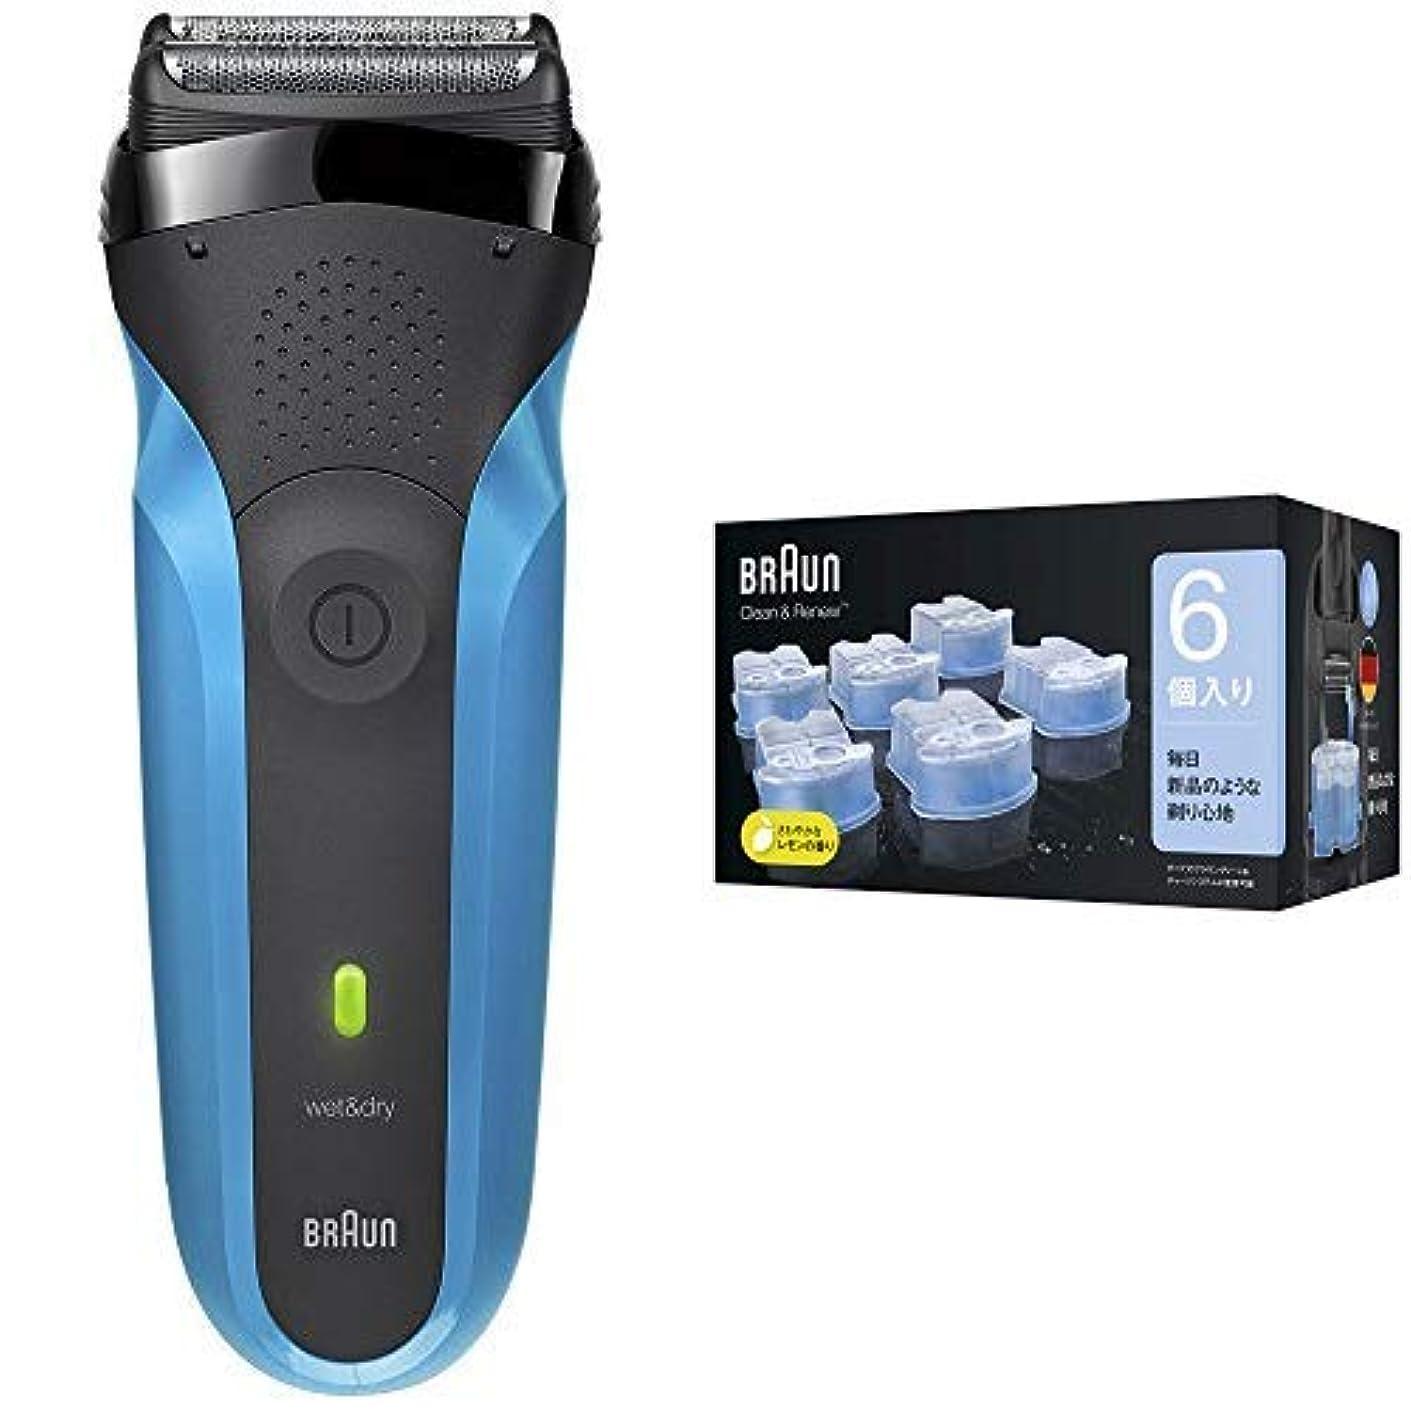 想像する消費者何故なのブラウン メンズ電気シェーバー シリーズ3 310s 3枚刃 水洗い/お風呂剃り可 & アルコール洗浄液 (6個入) メンズシェーバー用 CCR6 CR【正規品】